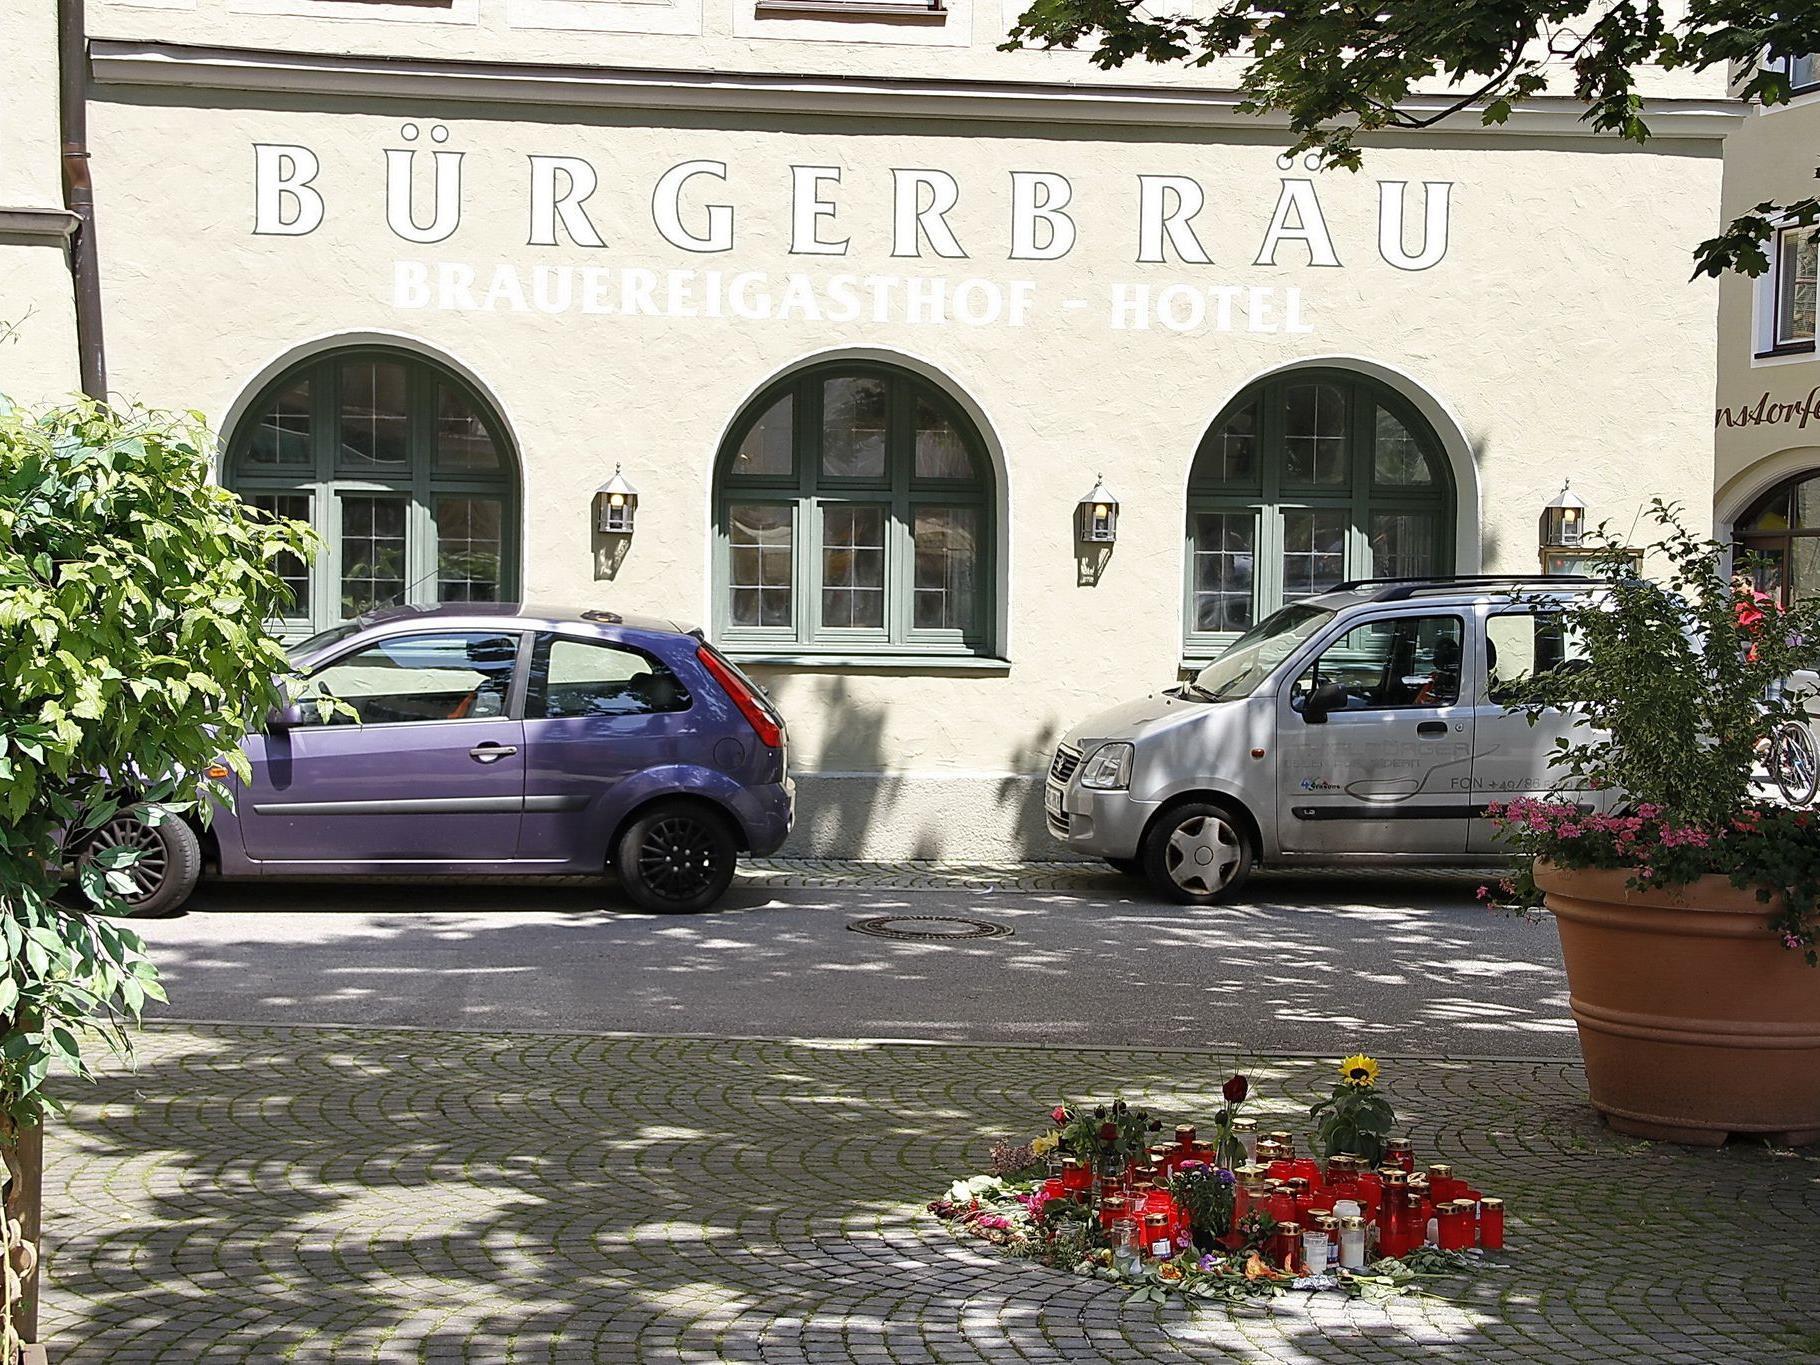 Nach dem Mord in Bad Reichenhall wurde am Wochenende ein Mann festgenommen.